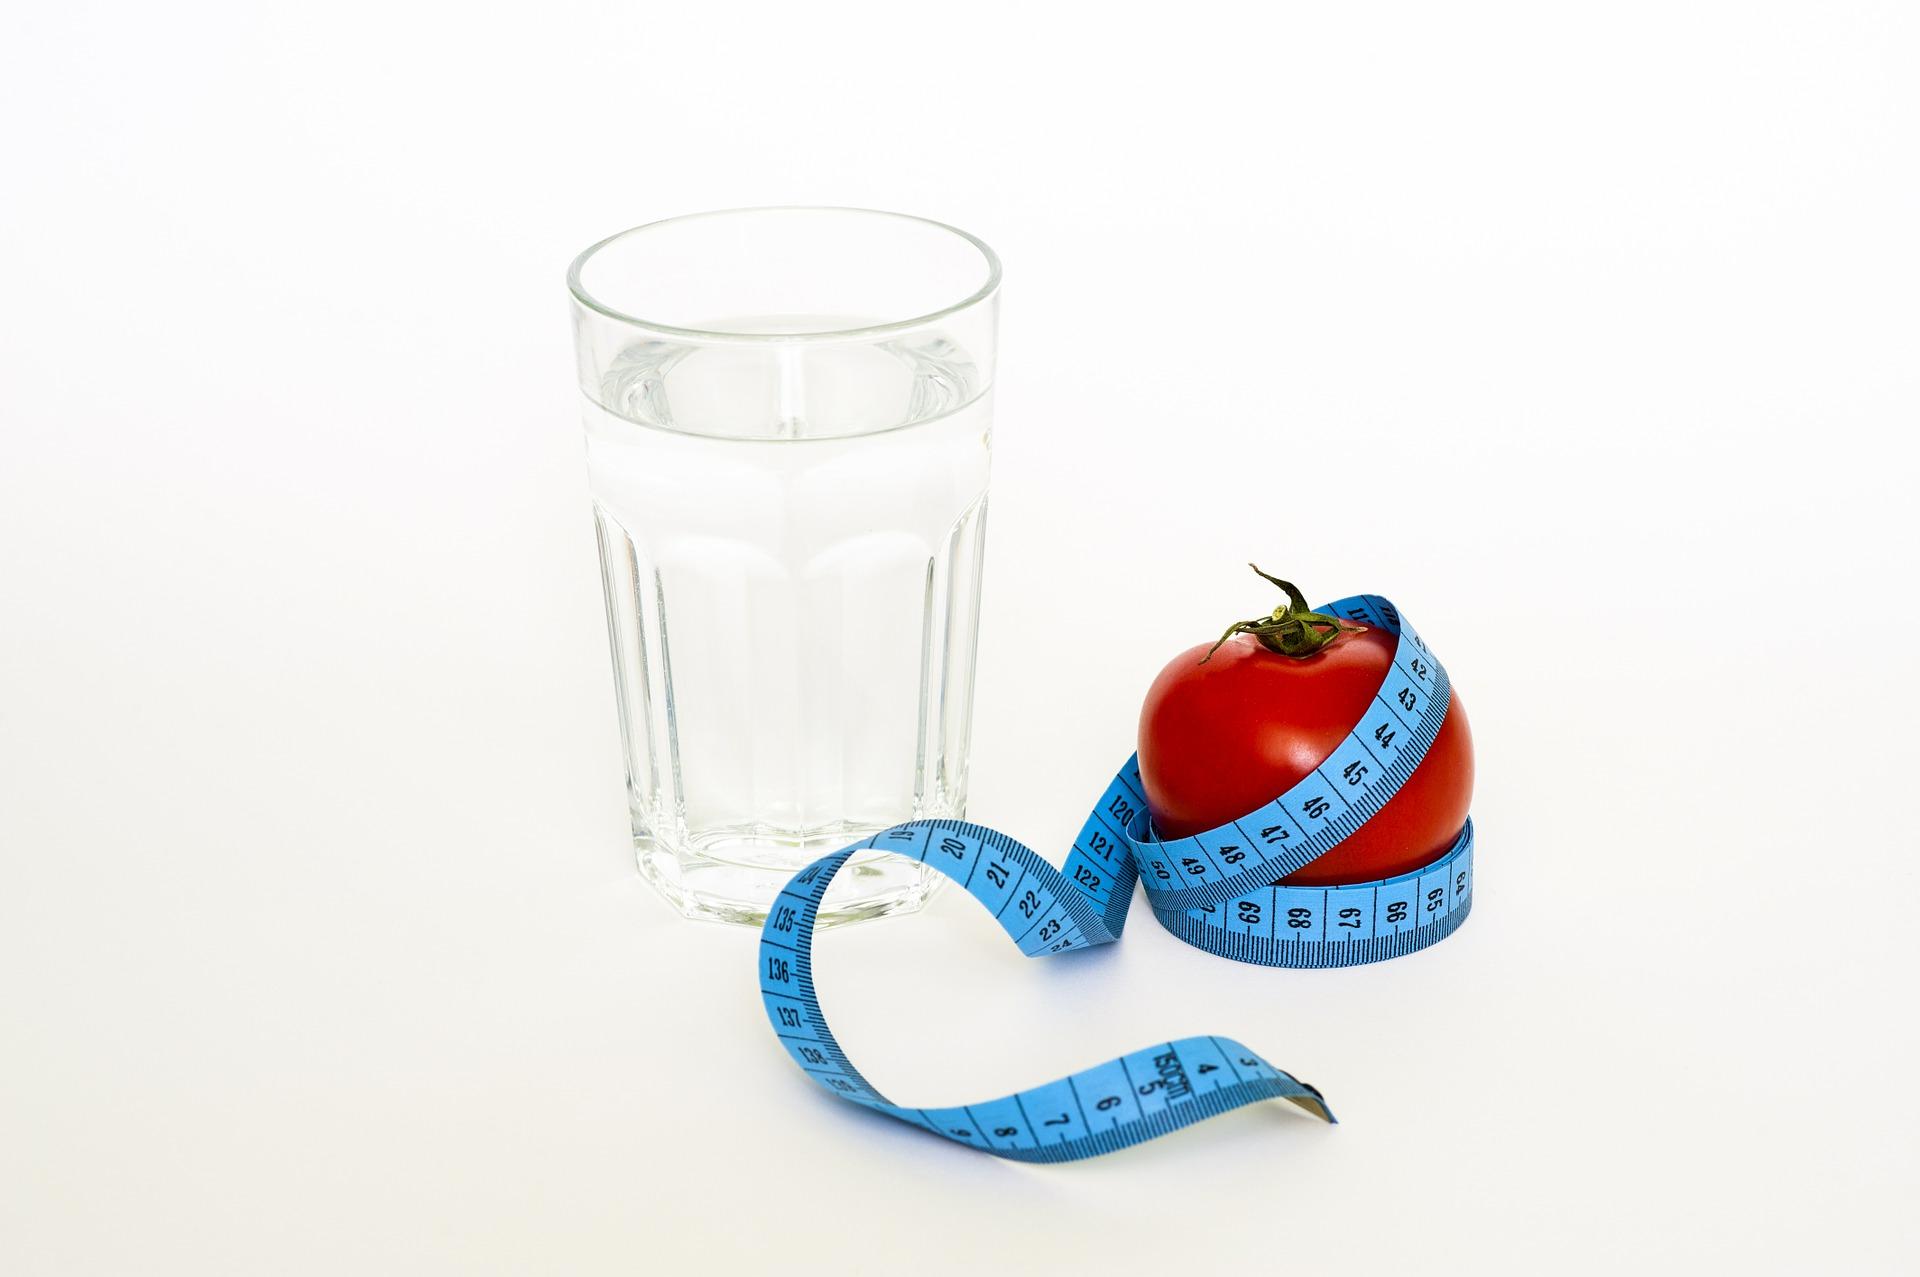 Ruokaa vähän ja vettä vain